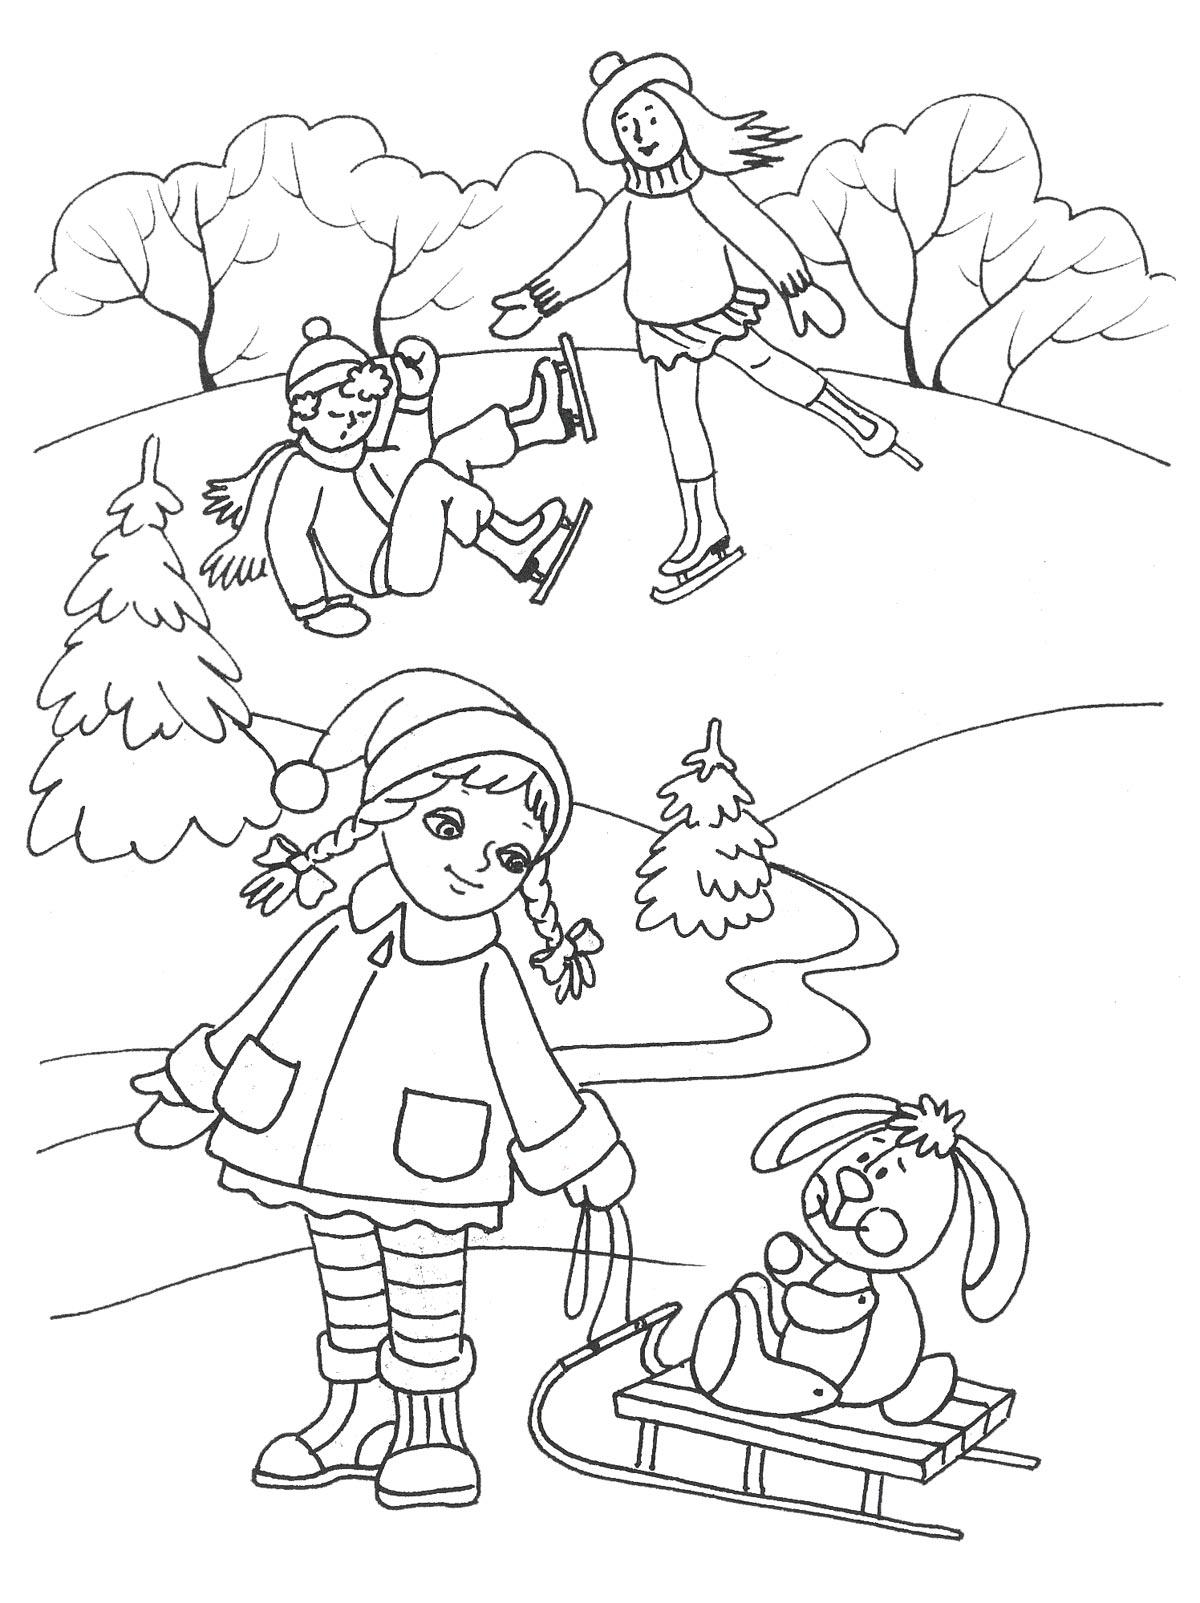 Картинка раскраска зимние забавы детей